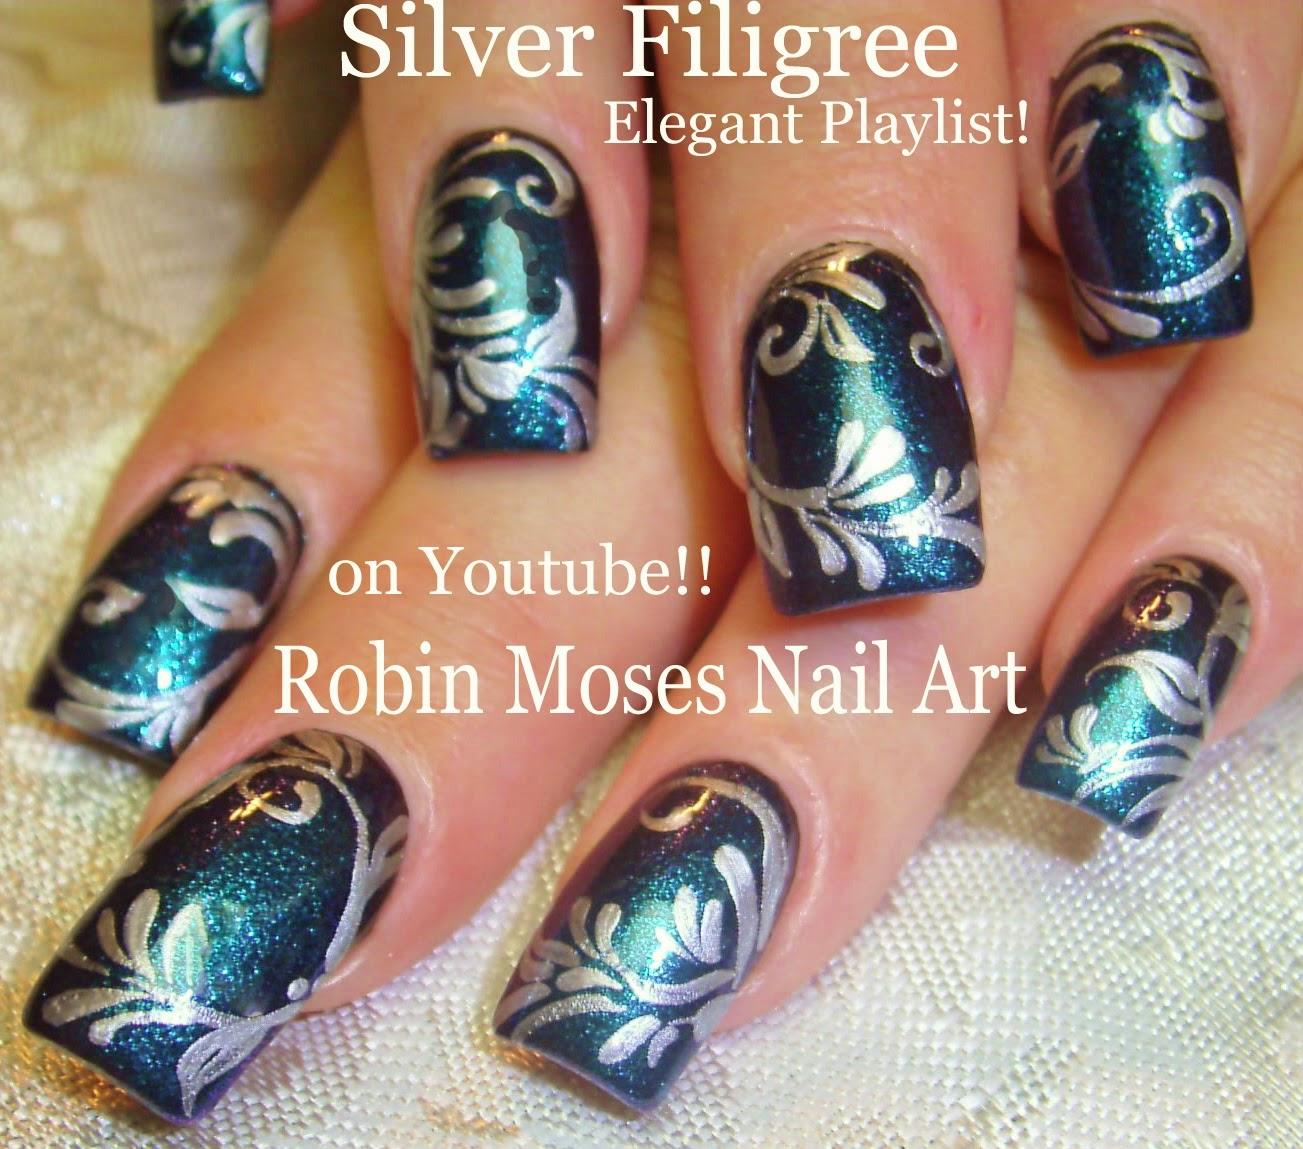 Robin moses nail art christmas nails christmas nail art pre nail art tutorials christmas nail art diy xmas nails easy holiday nail art for beginners and up prinsesfo Images